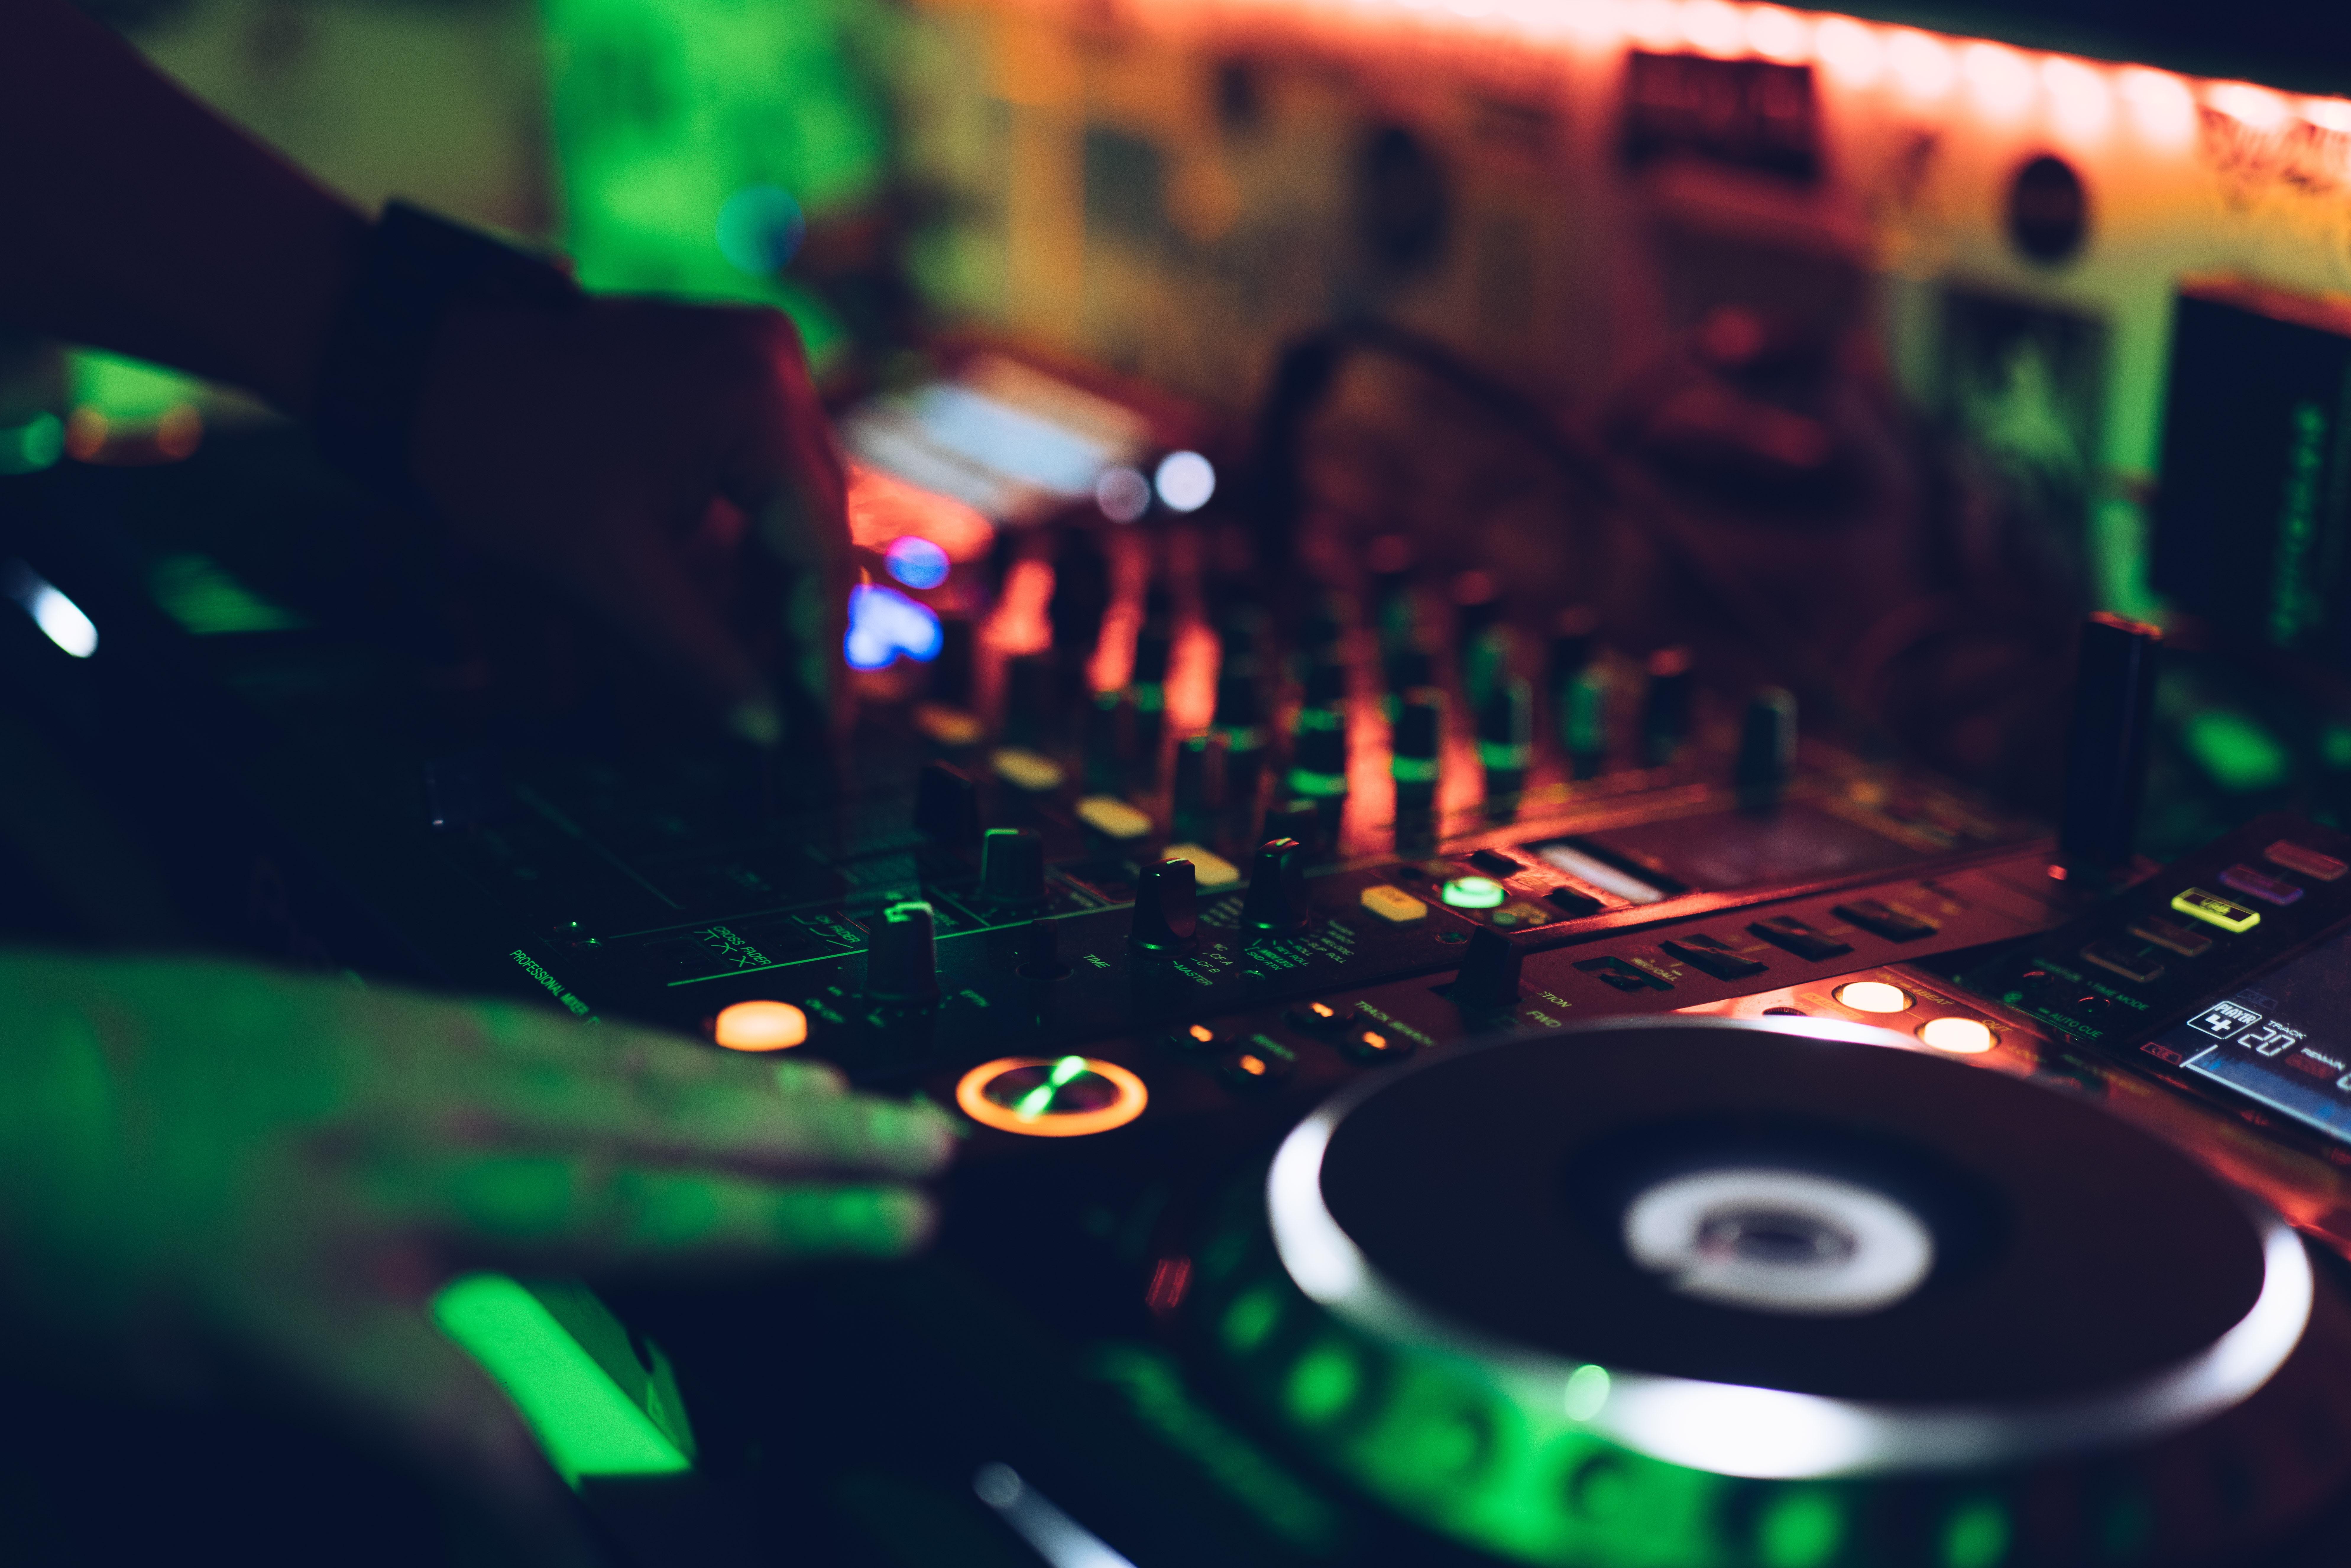 Music decks in a nightclub